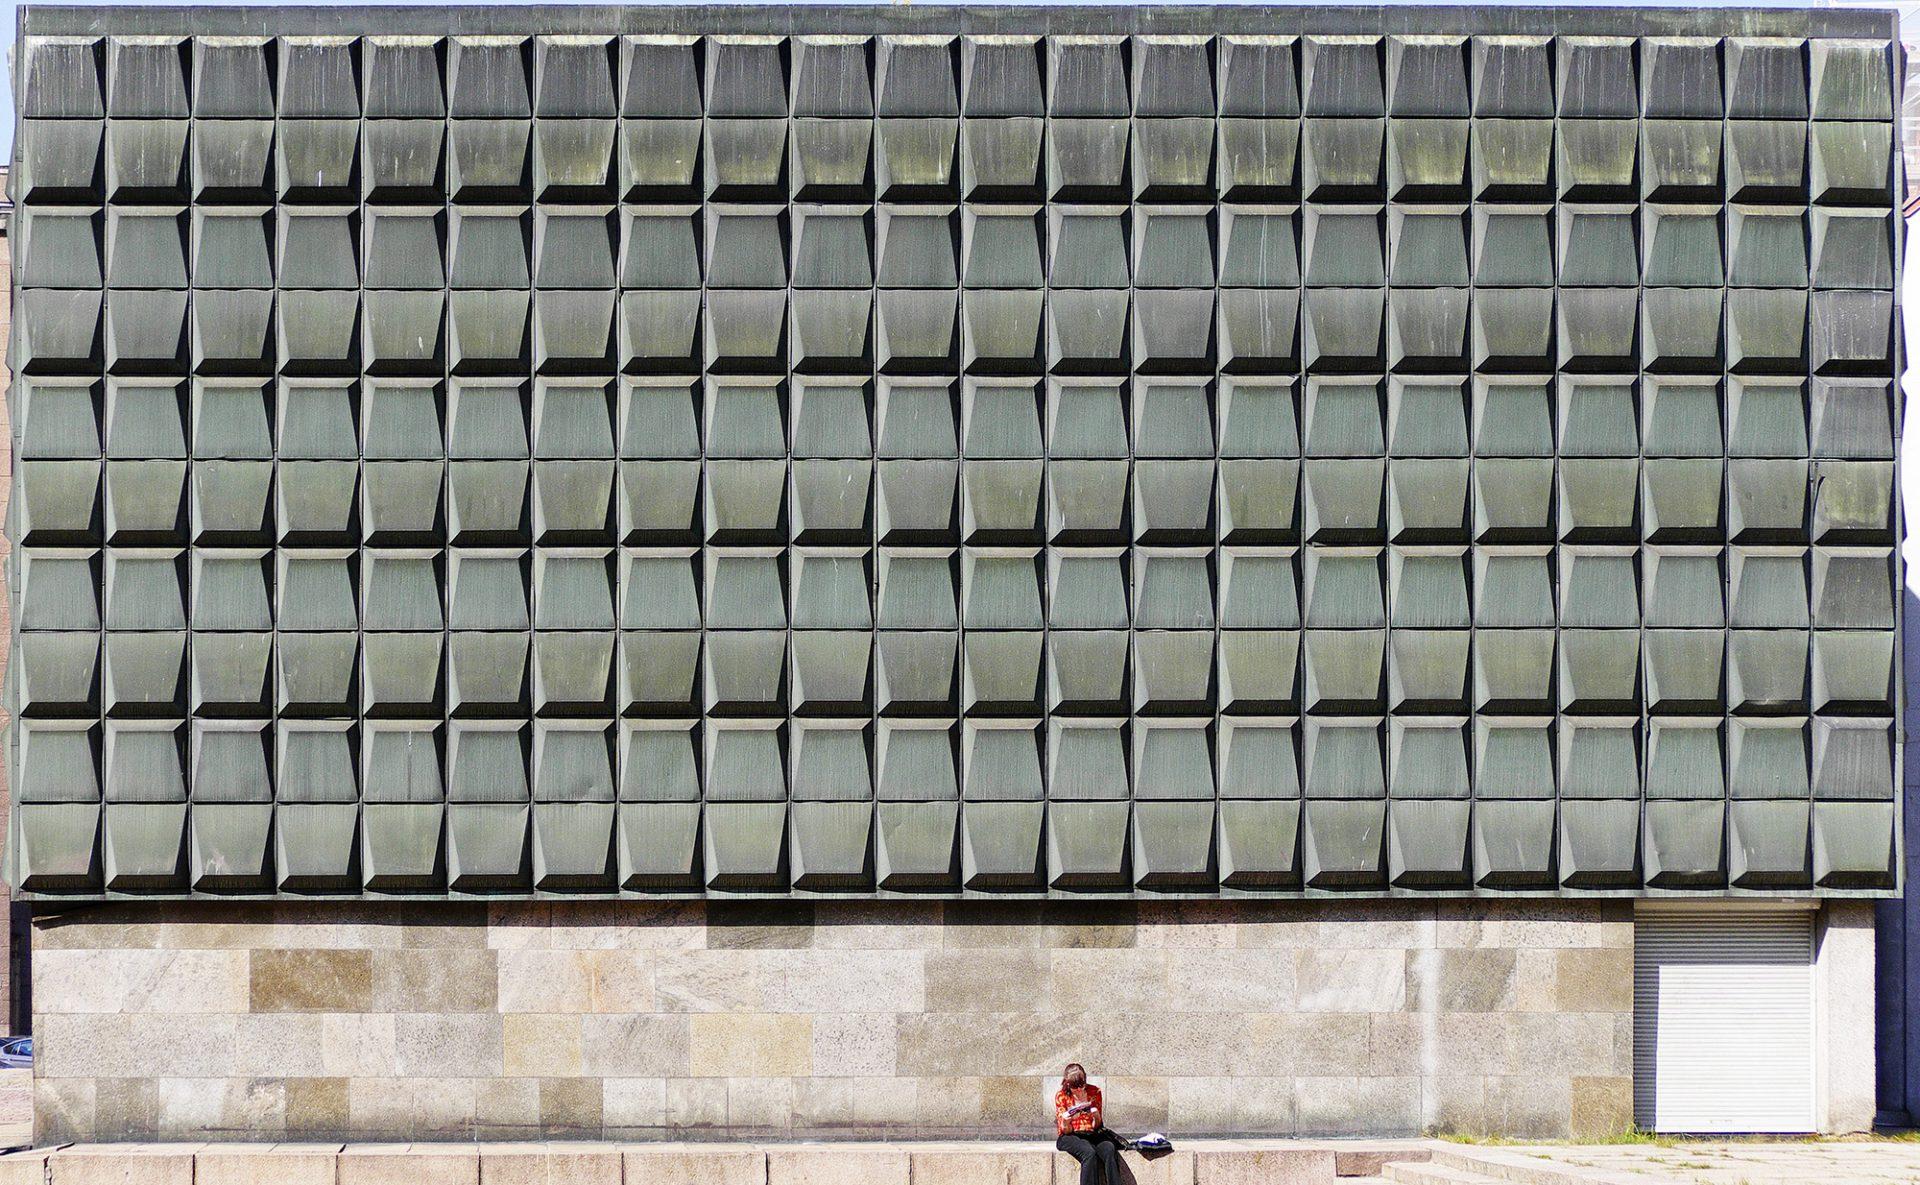 facade-2760978